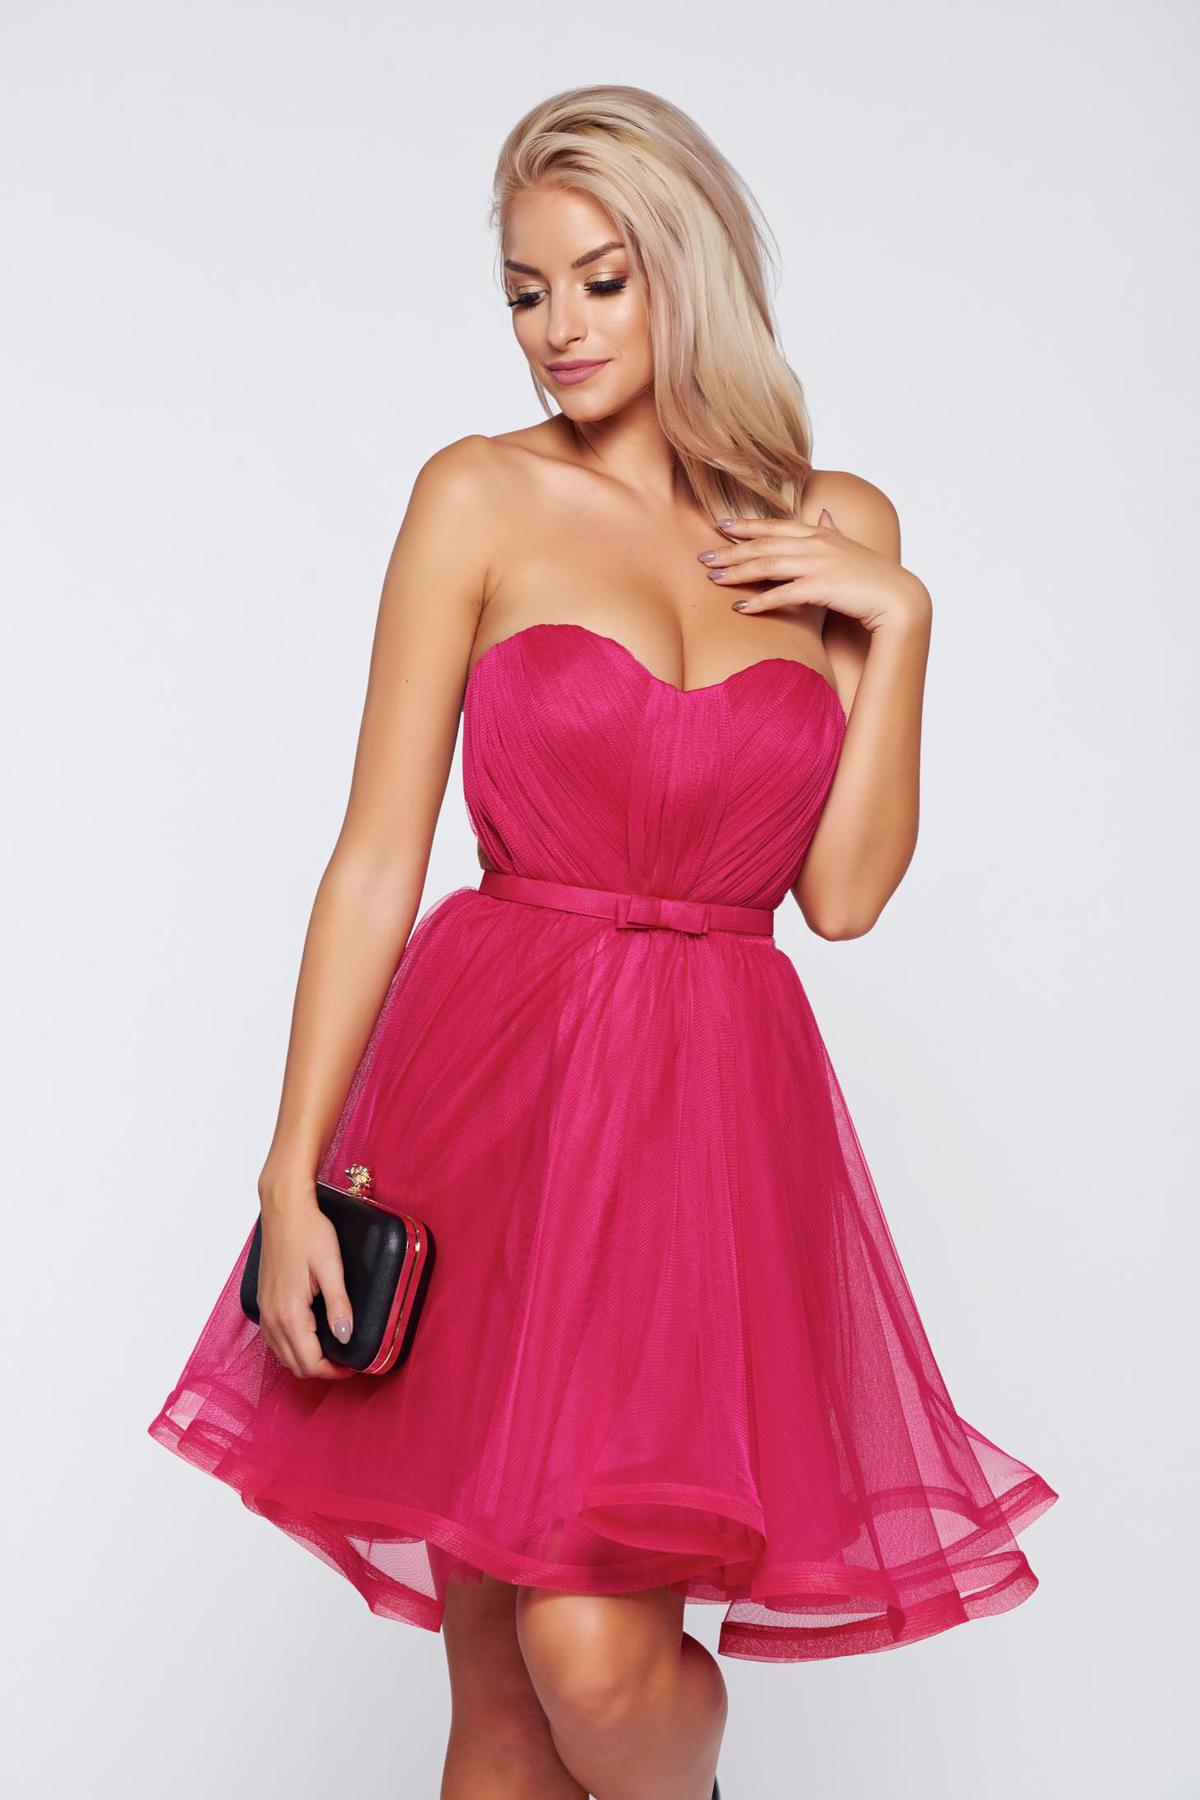 Rochie Ana Radu roz de lux tip corset din tul captusita pe interior cu bust buretat accesorizata cu cordon